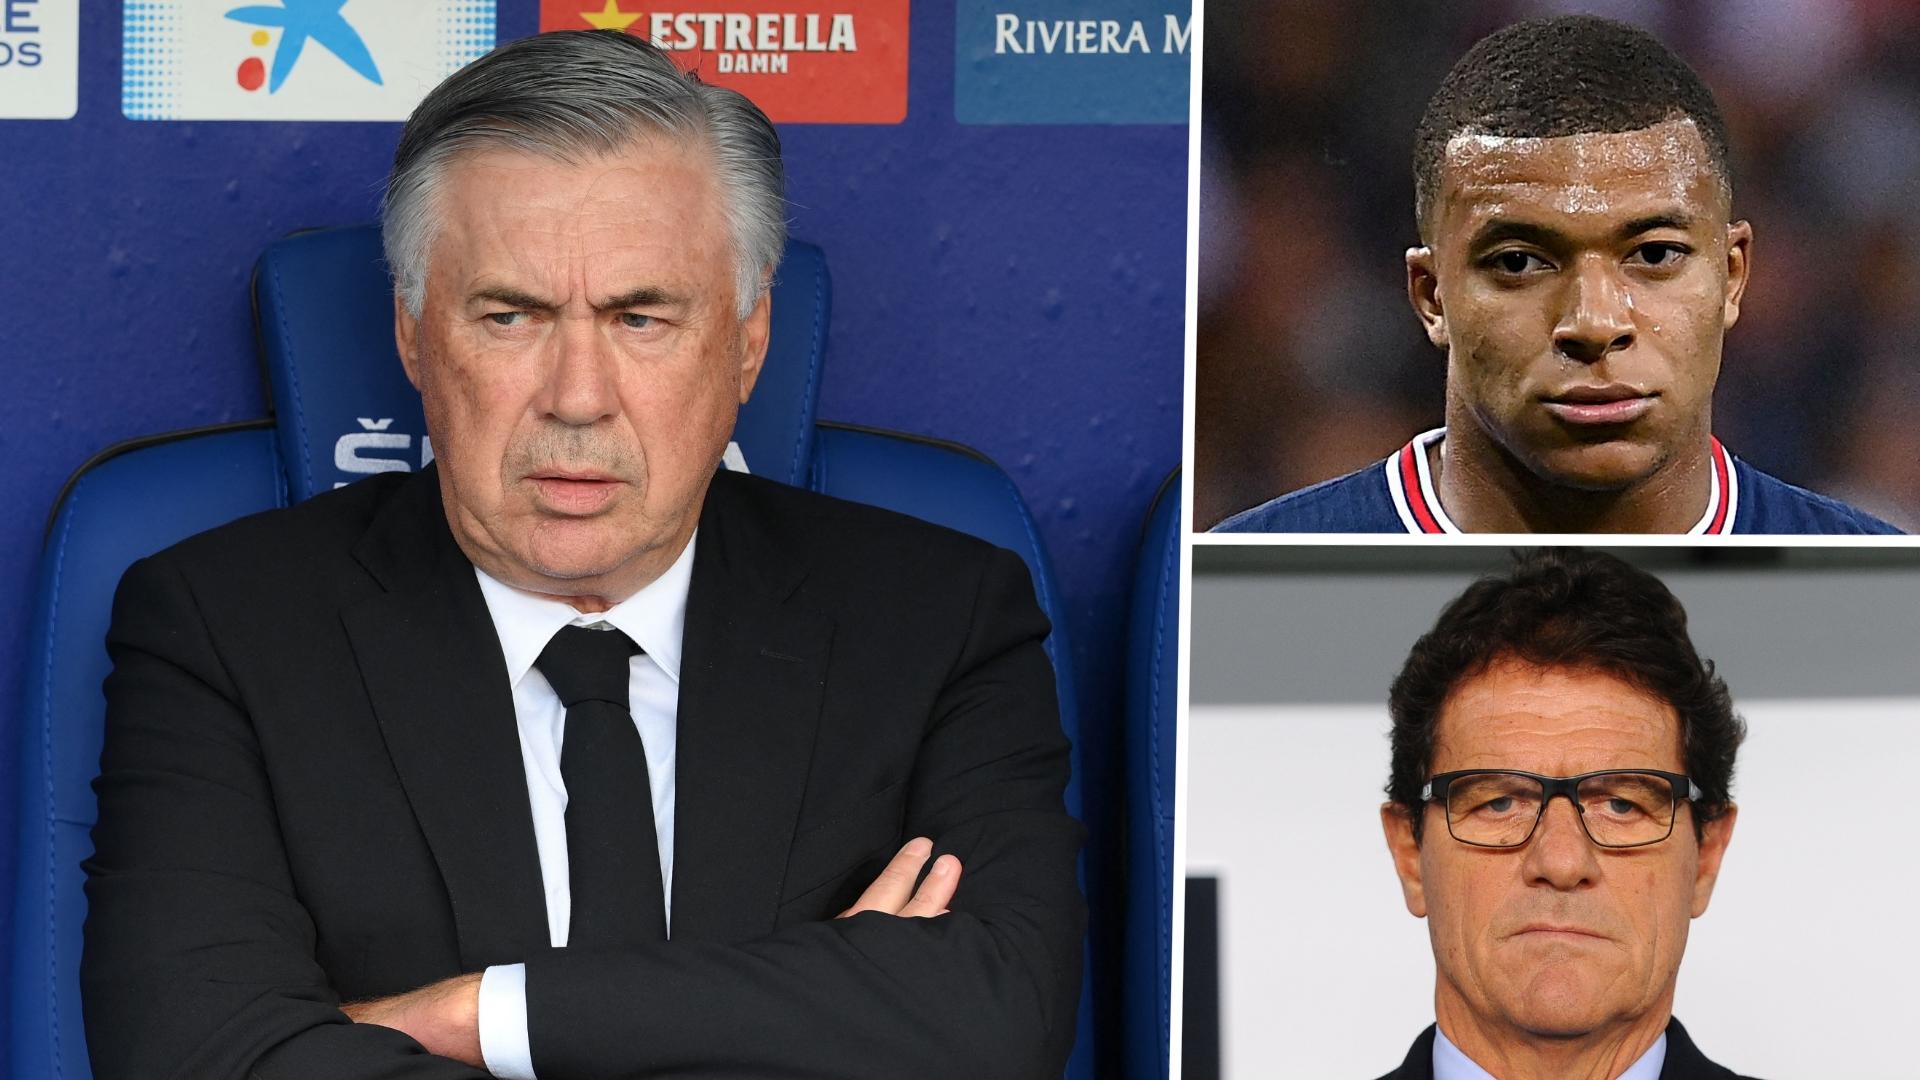 Pour Capello, le Real n'a pas besoin de Mbappé mais de défenseurs